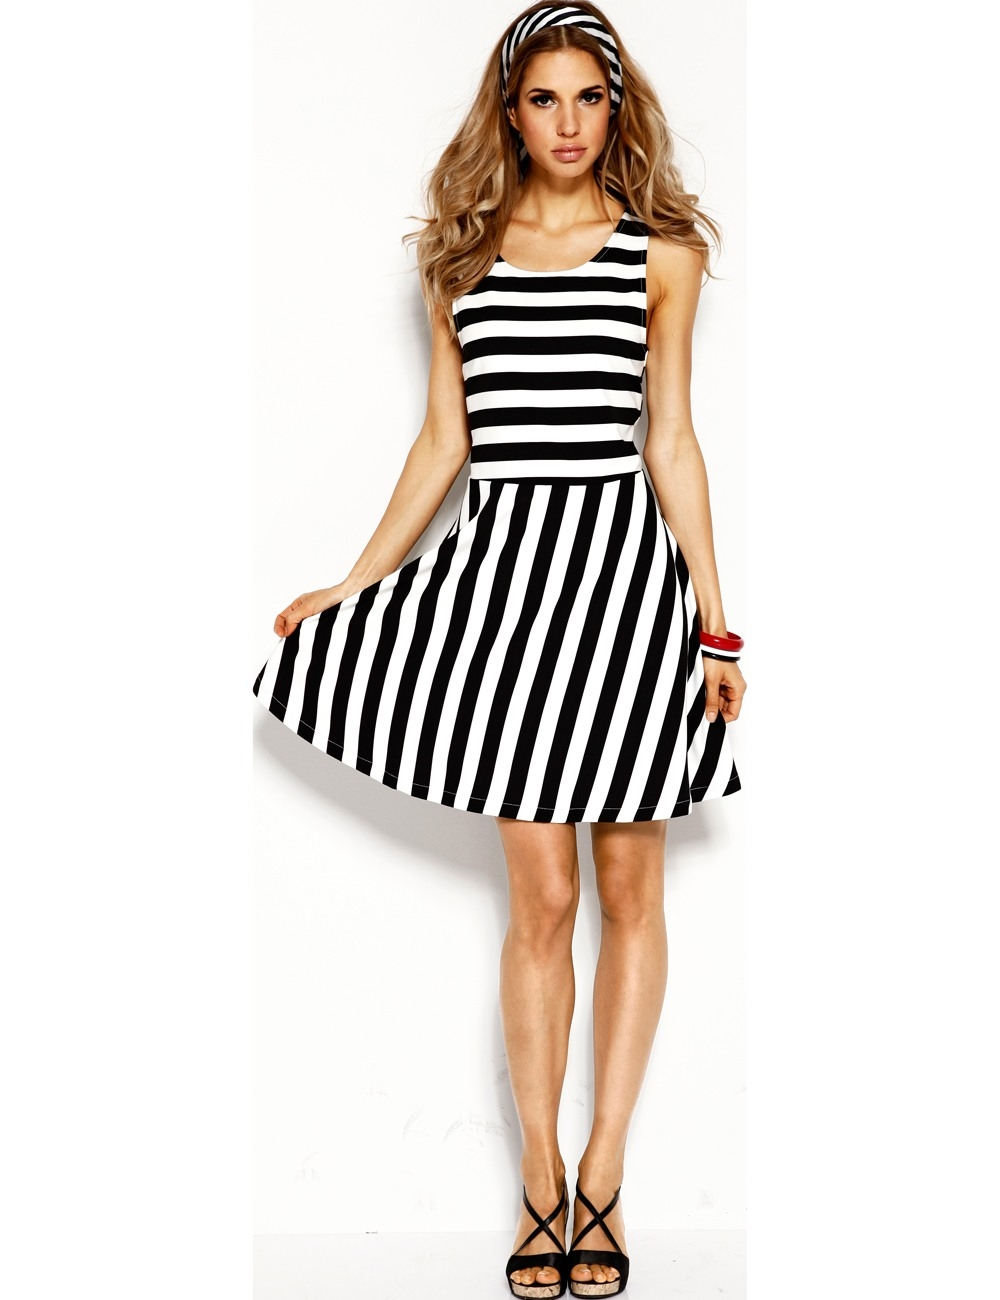 20 Genial Kleider Weiß Schwarz Vertrieb13 Einfach Kleider Weiß Schwarz Design